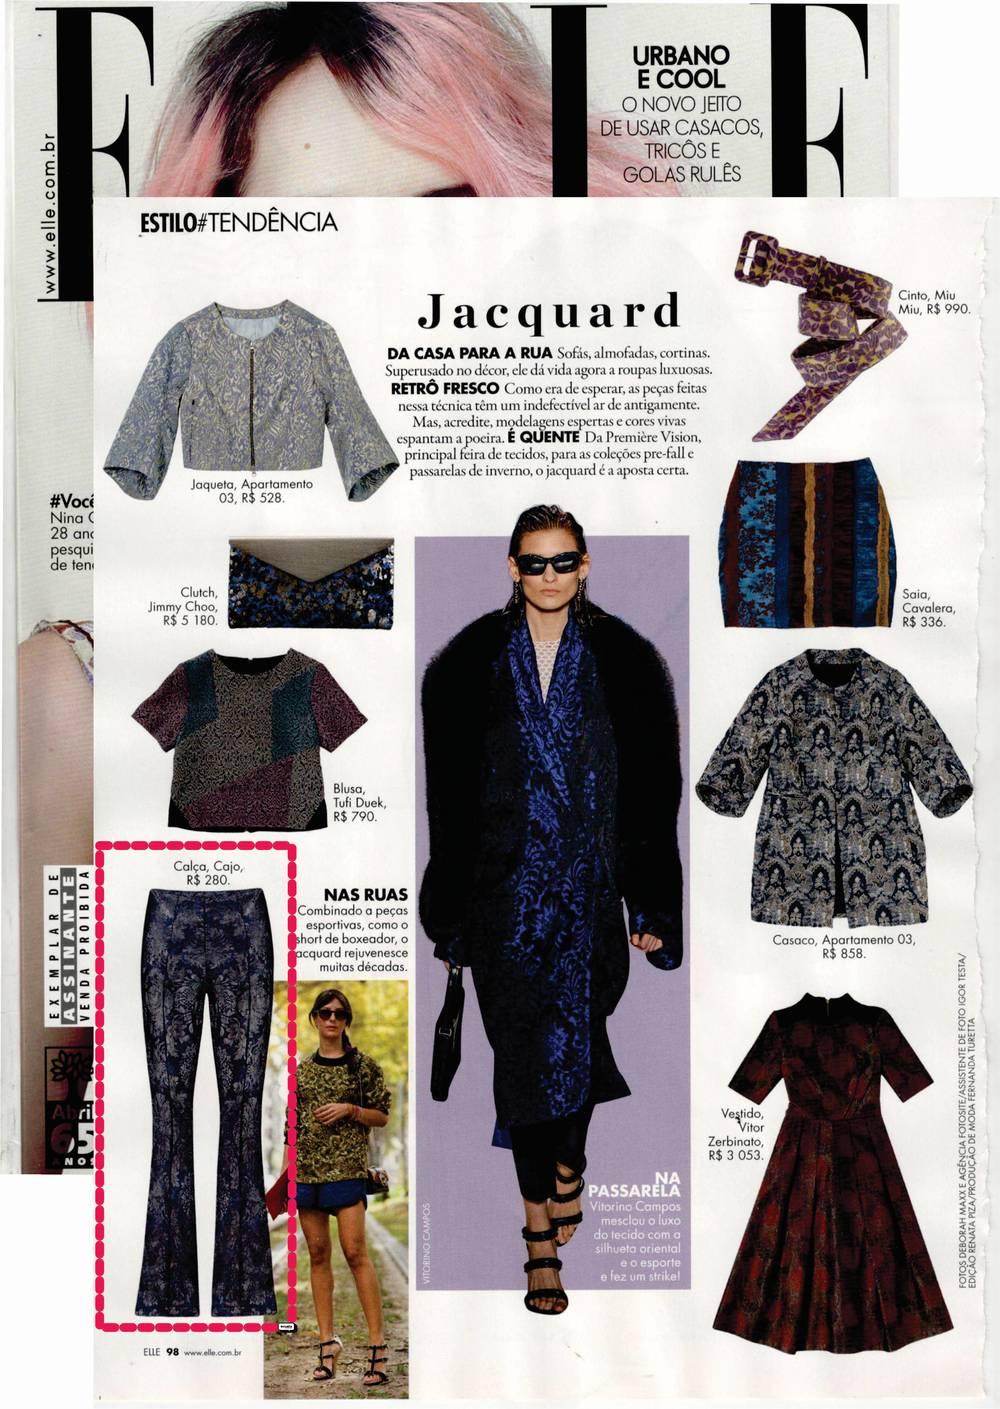 Cajo - Revista ELLE - Edição Junho 2015.jpg